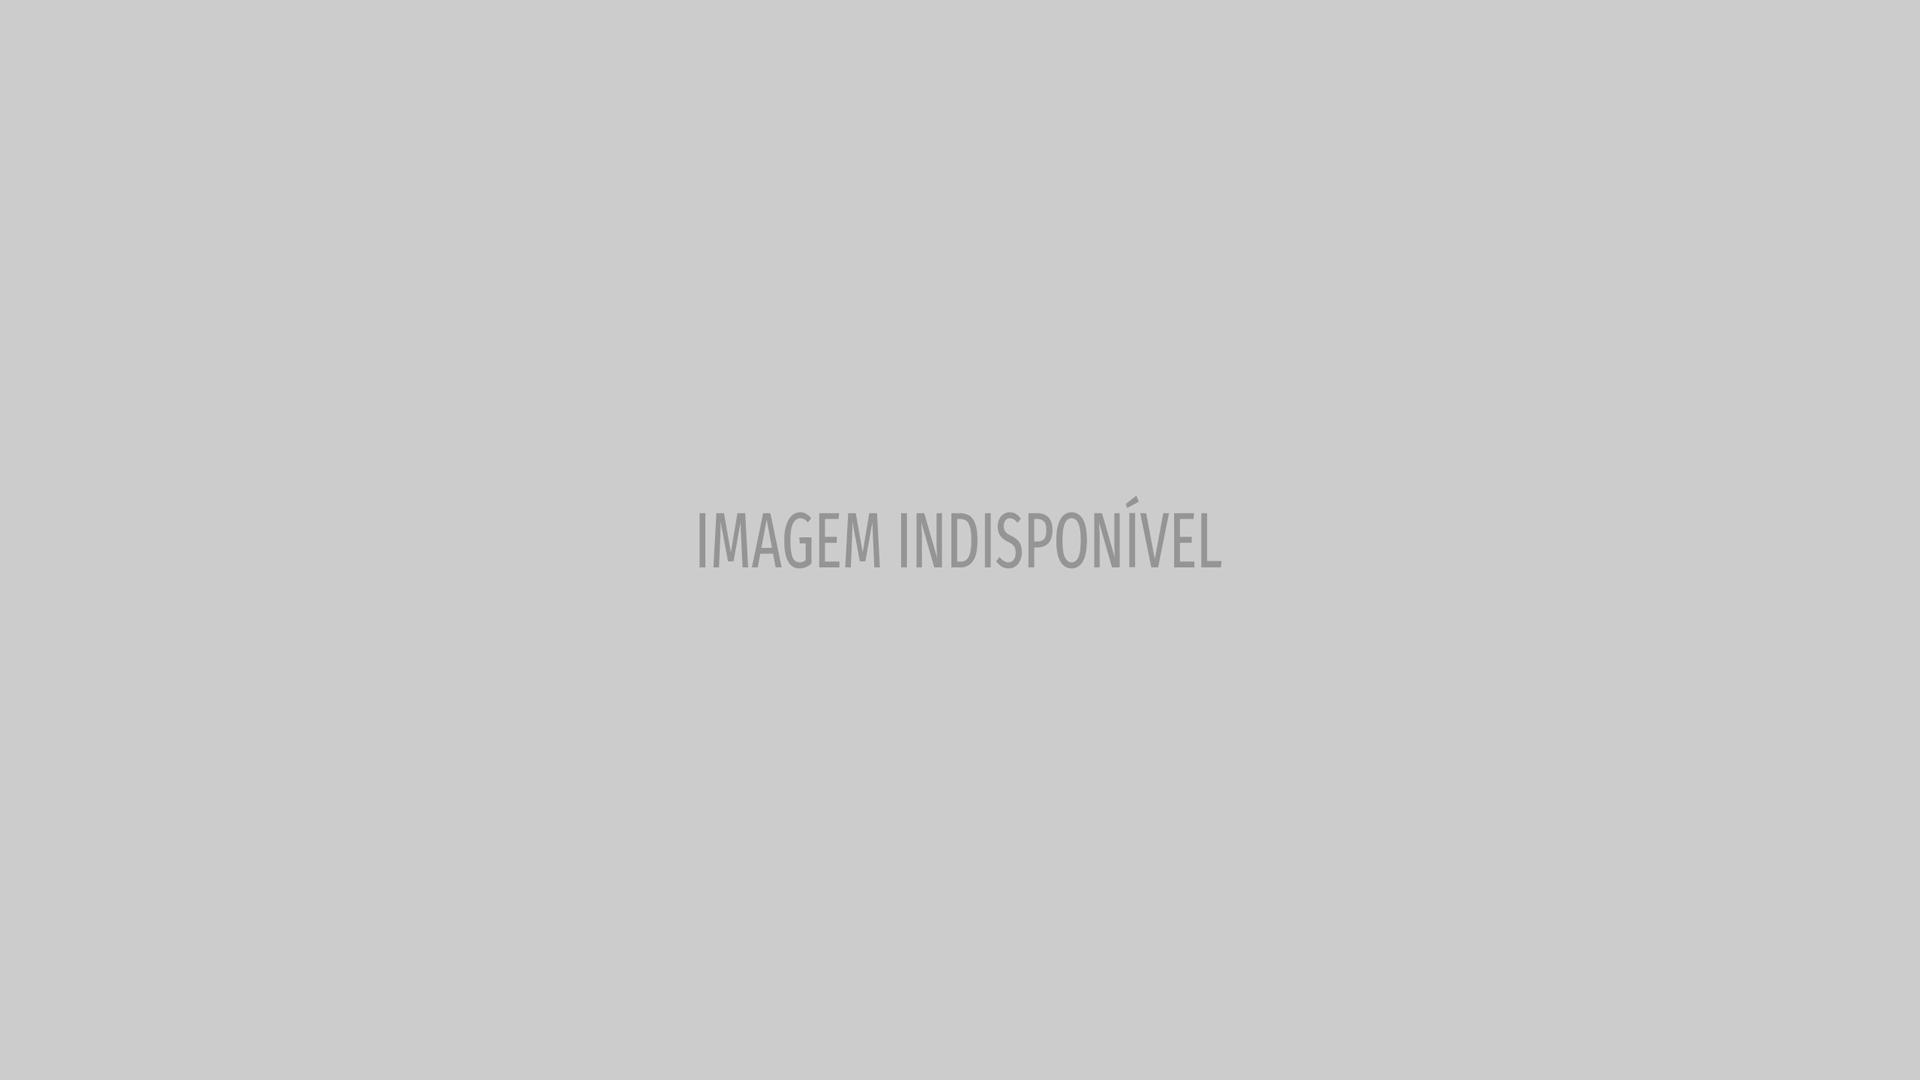 Kelly Slater fratura pé direito, será operado e está fora de J-Bay